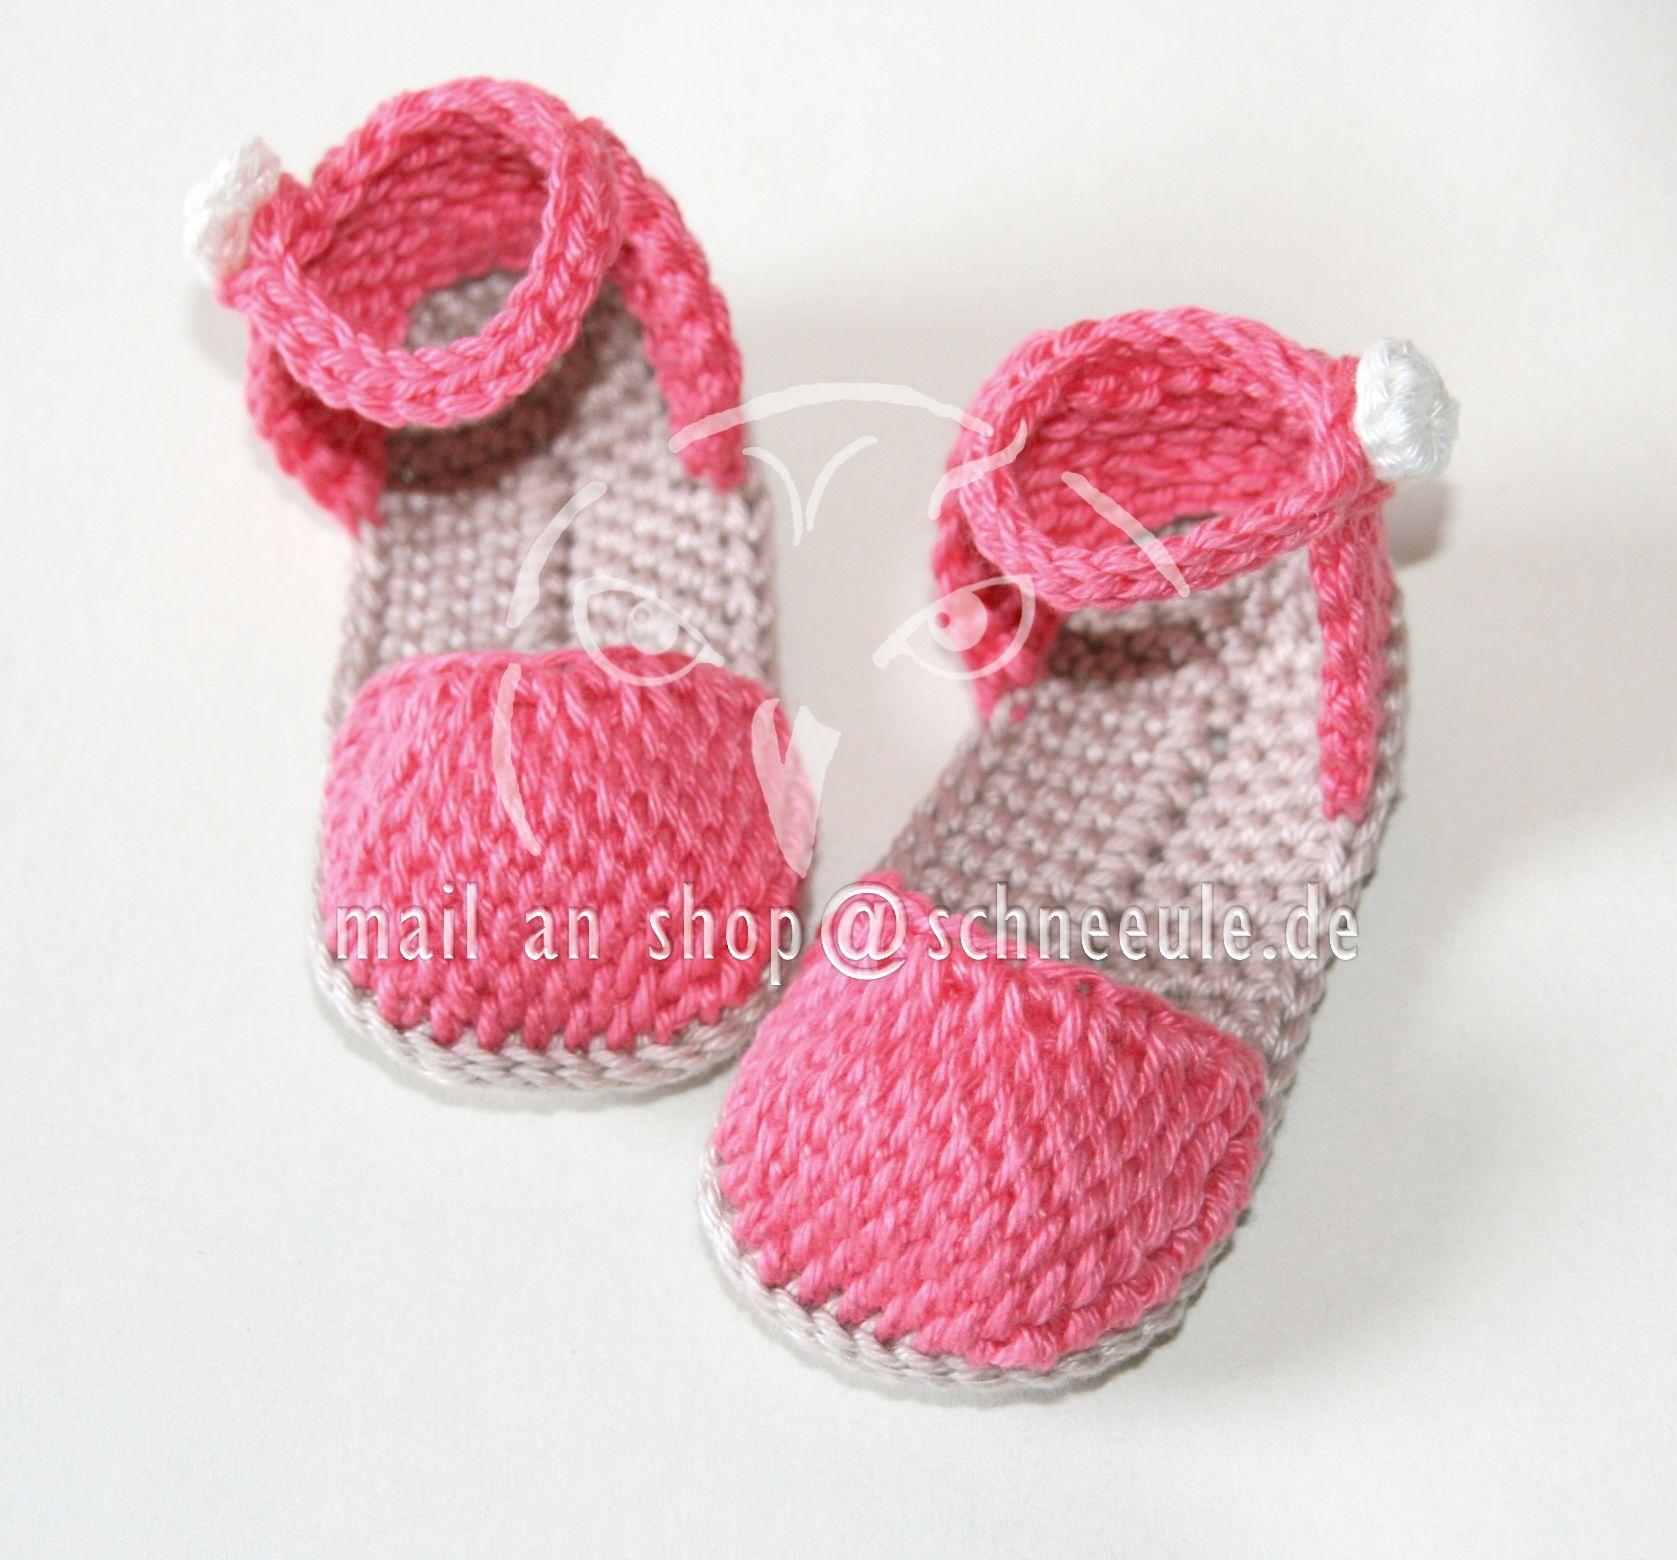 crochet baby shoes for girls - Baby Schuhe für Mädchen, gehäkelt ...